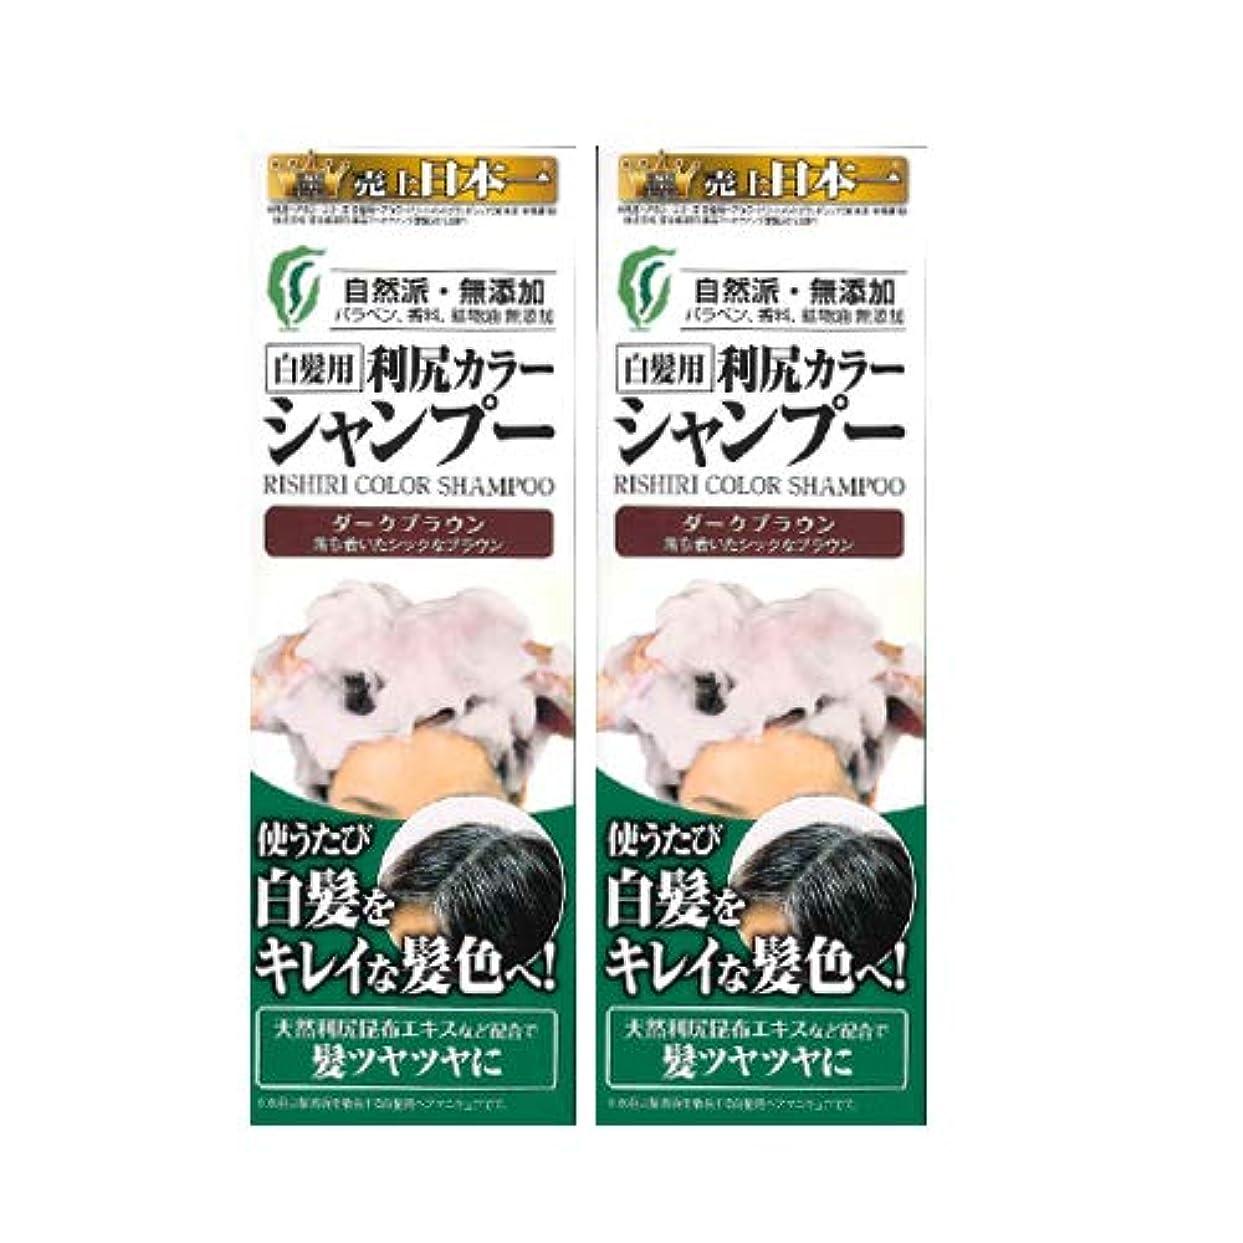 連続的栄養任意利尻カラーシャンプー2本セット(ダークブラウン)